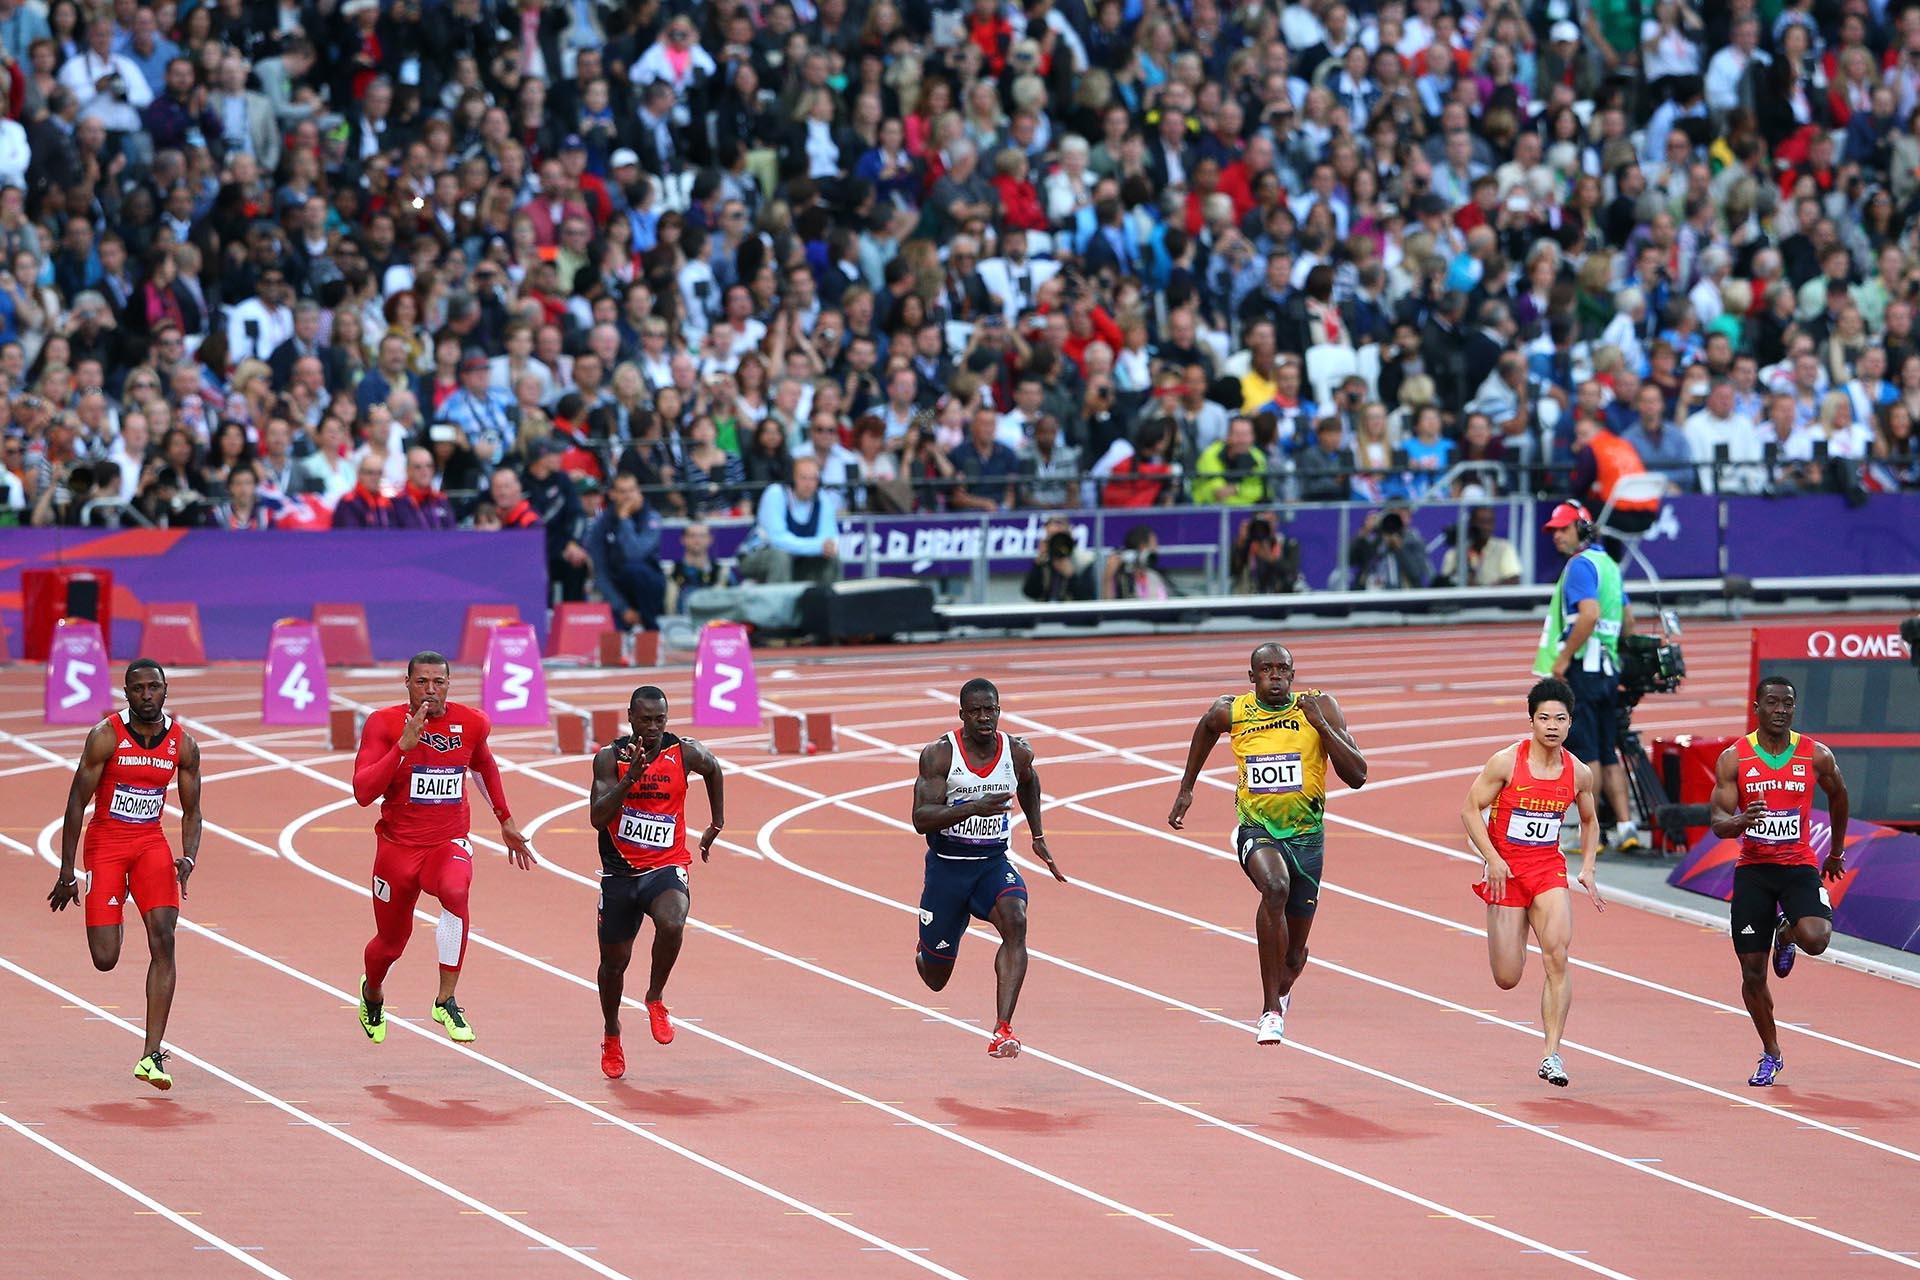 El legado deUsain Bolt se agigantaría en los Juegos Olímpicos deLondres 2012 (Getty Images)